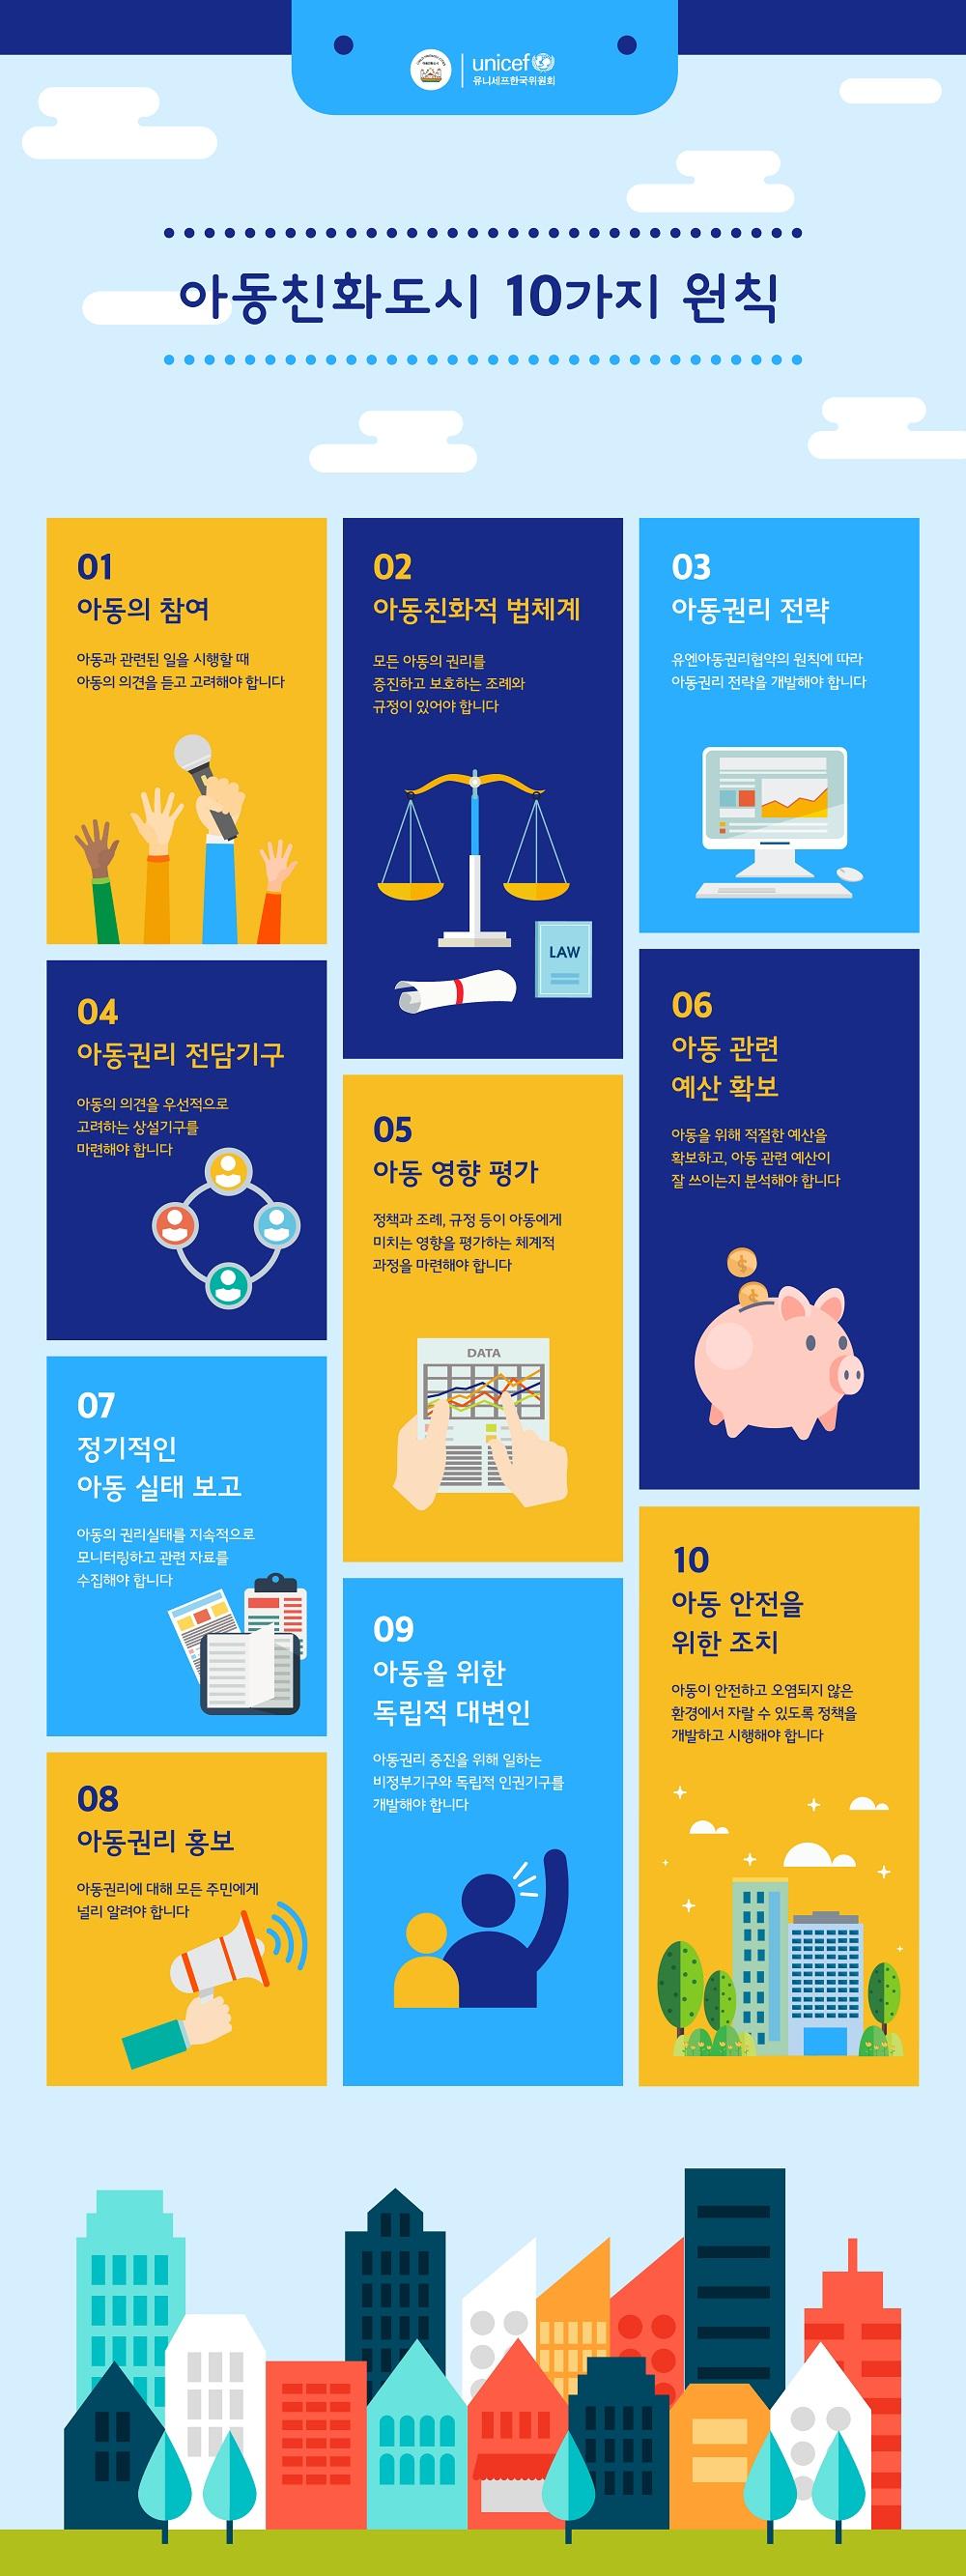 CFC 10가지 원칙